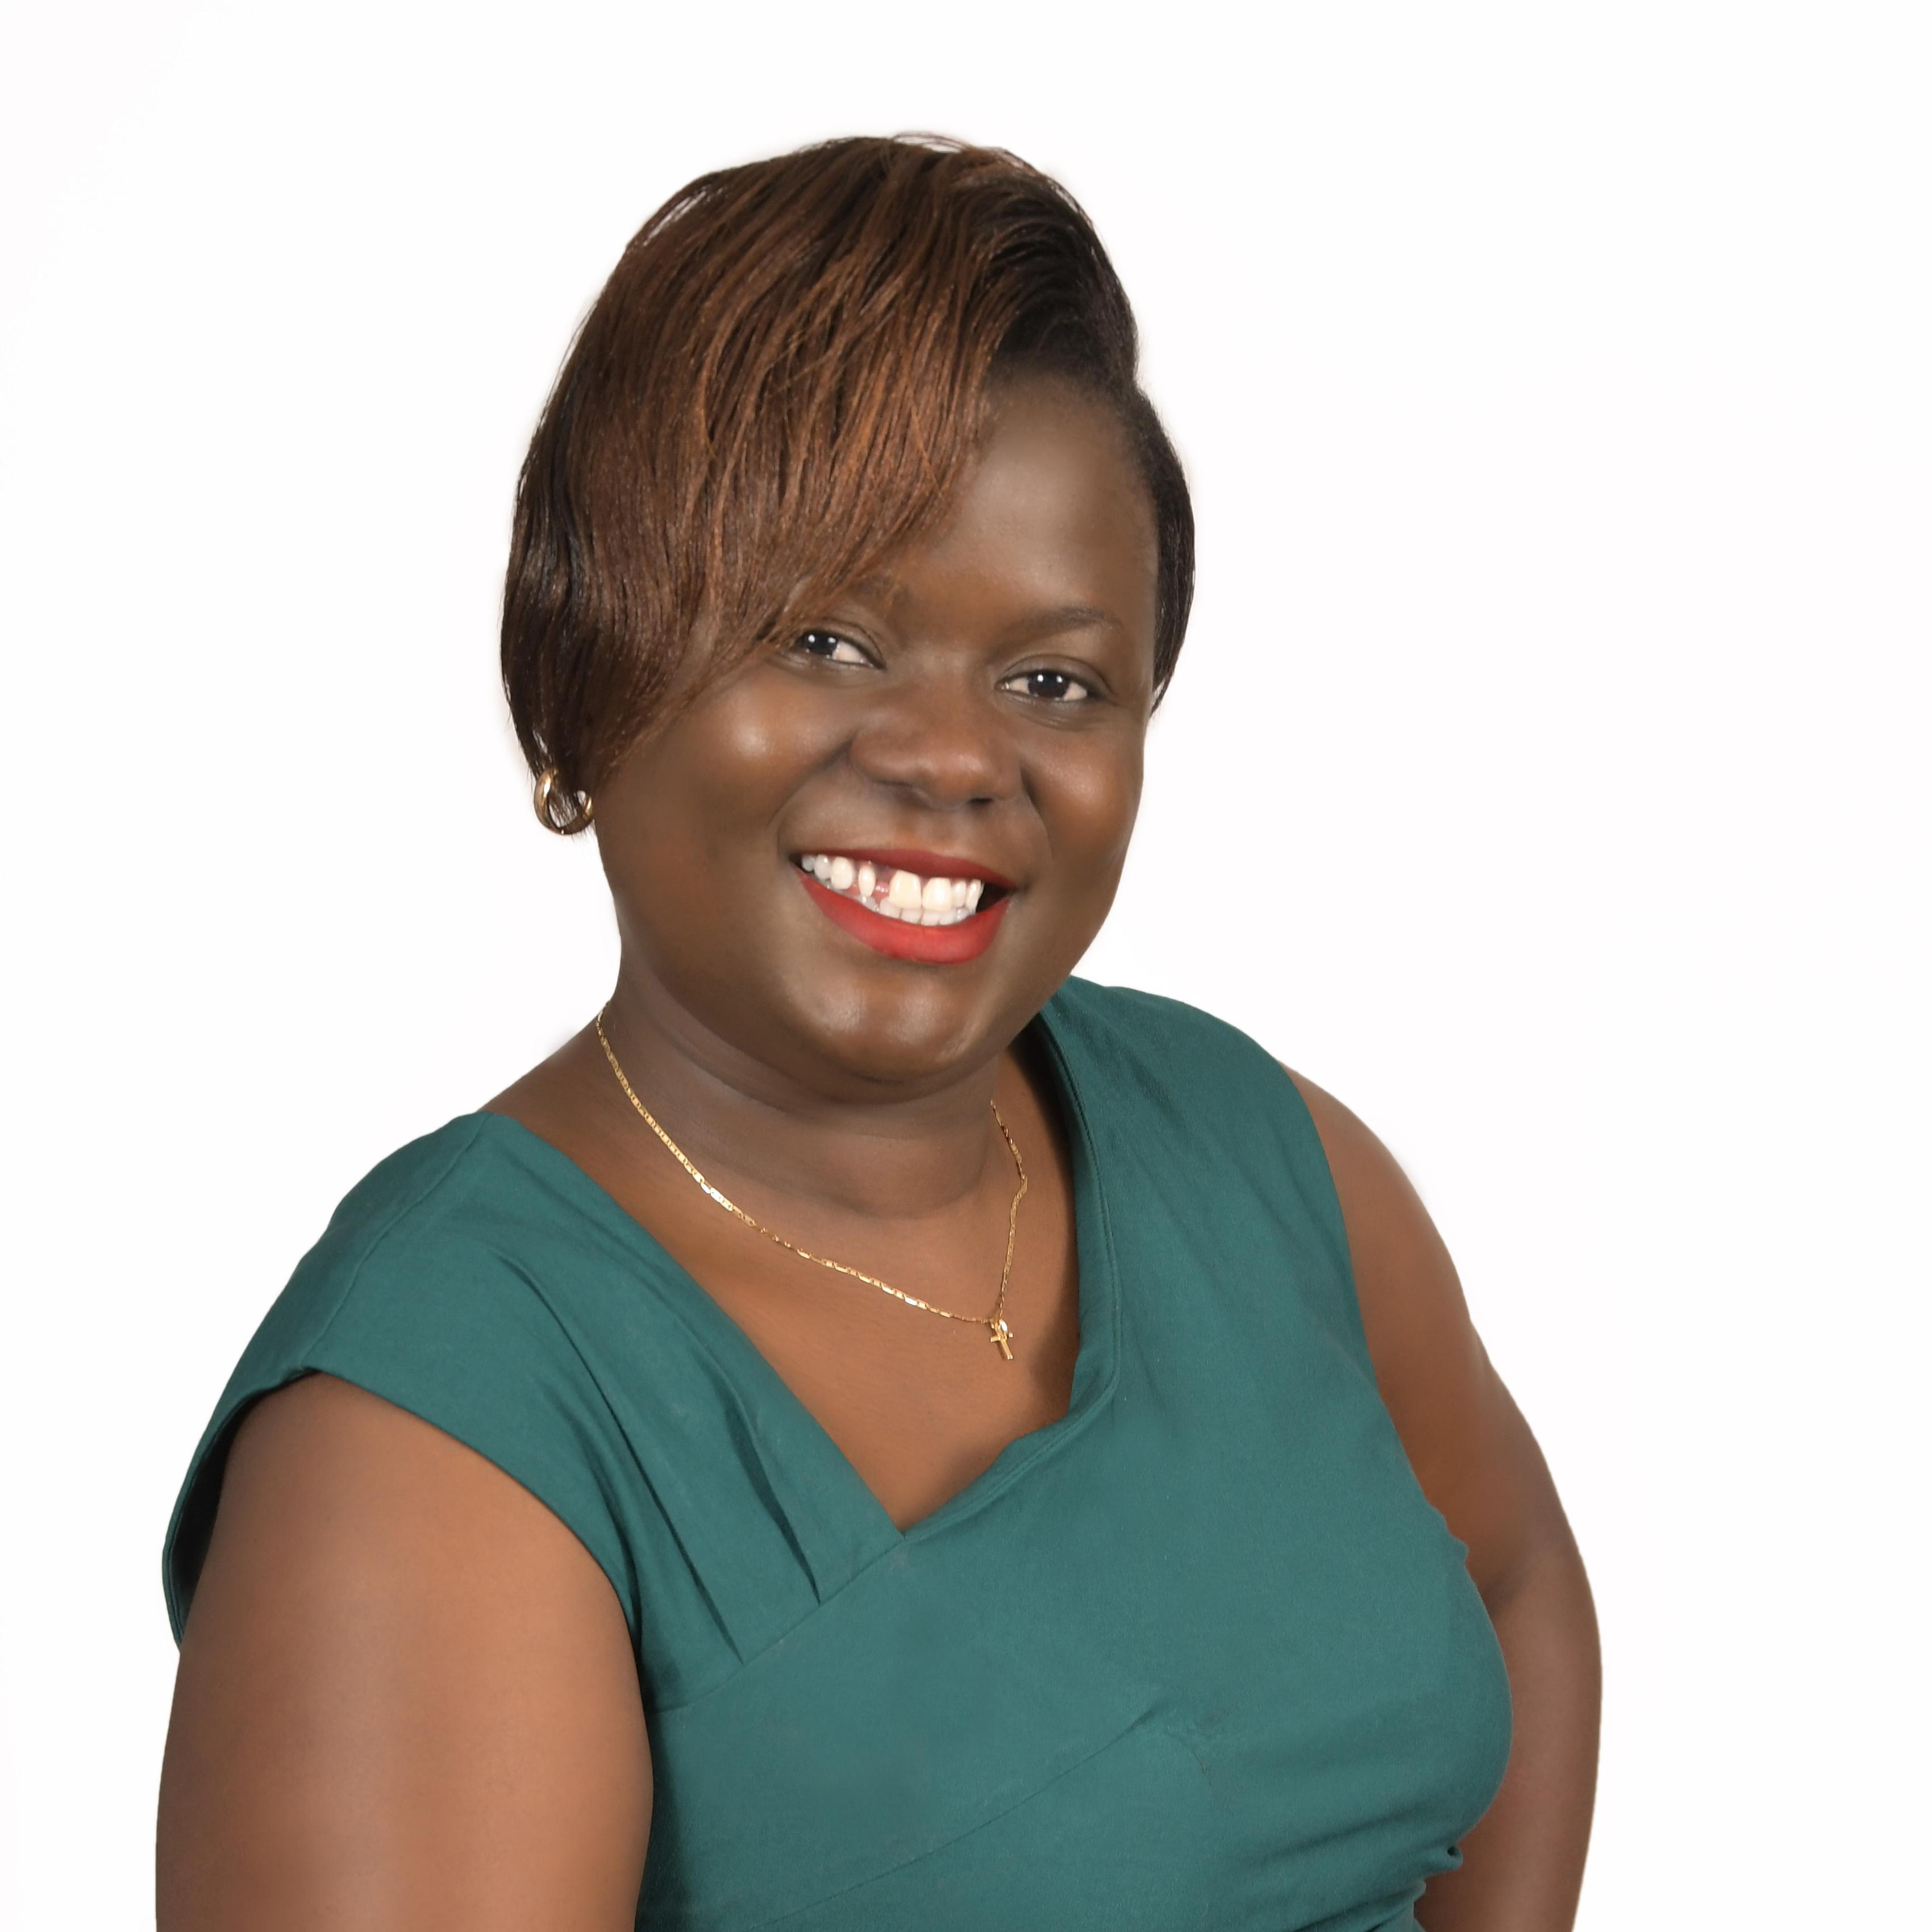 Kenya gallery